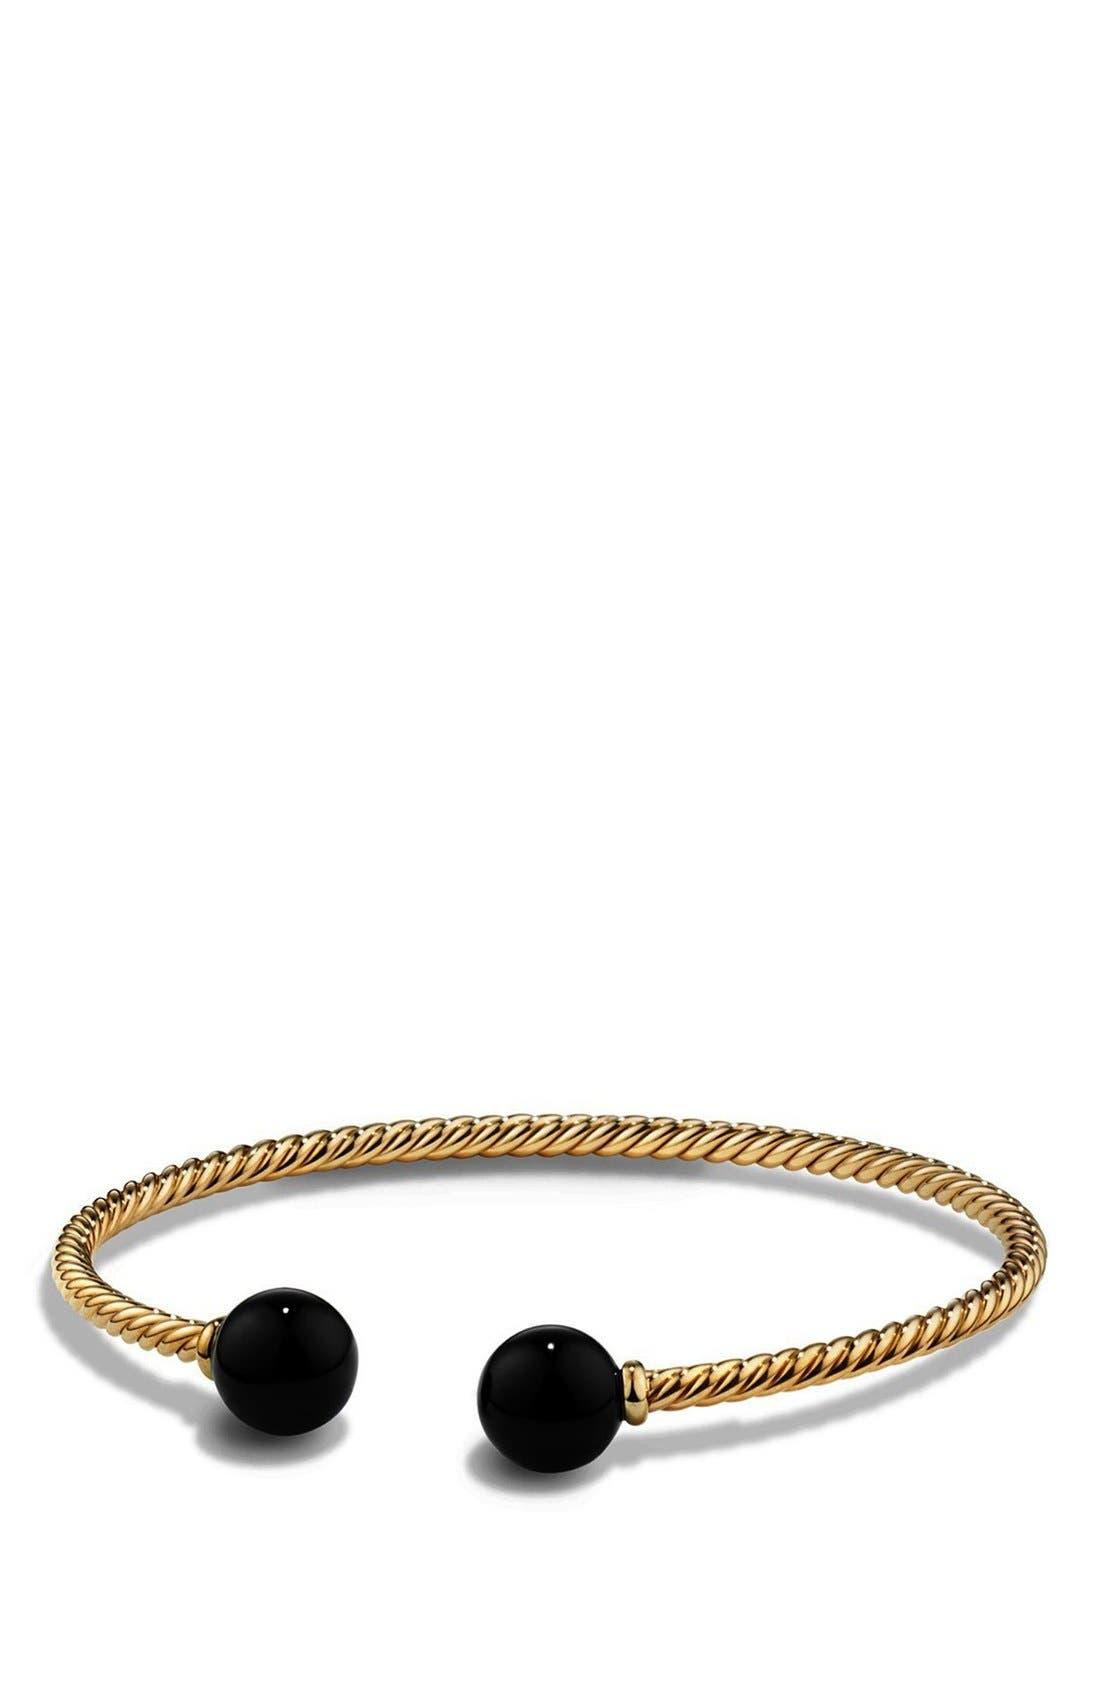 Main Image - David Yurman 'Solari' Bead Bracelet